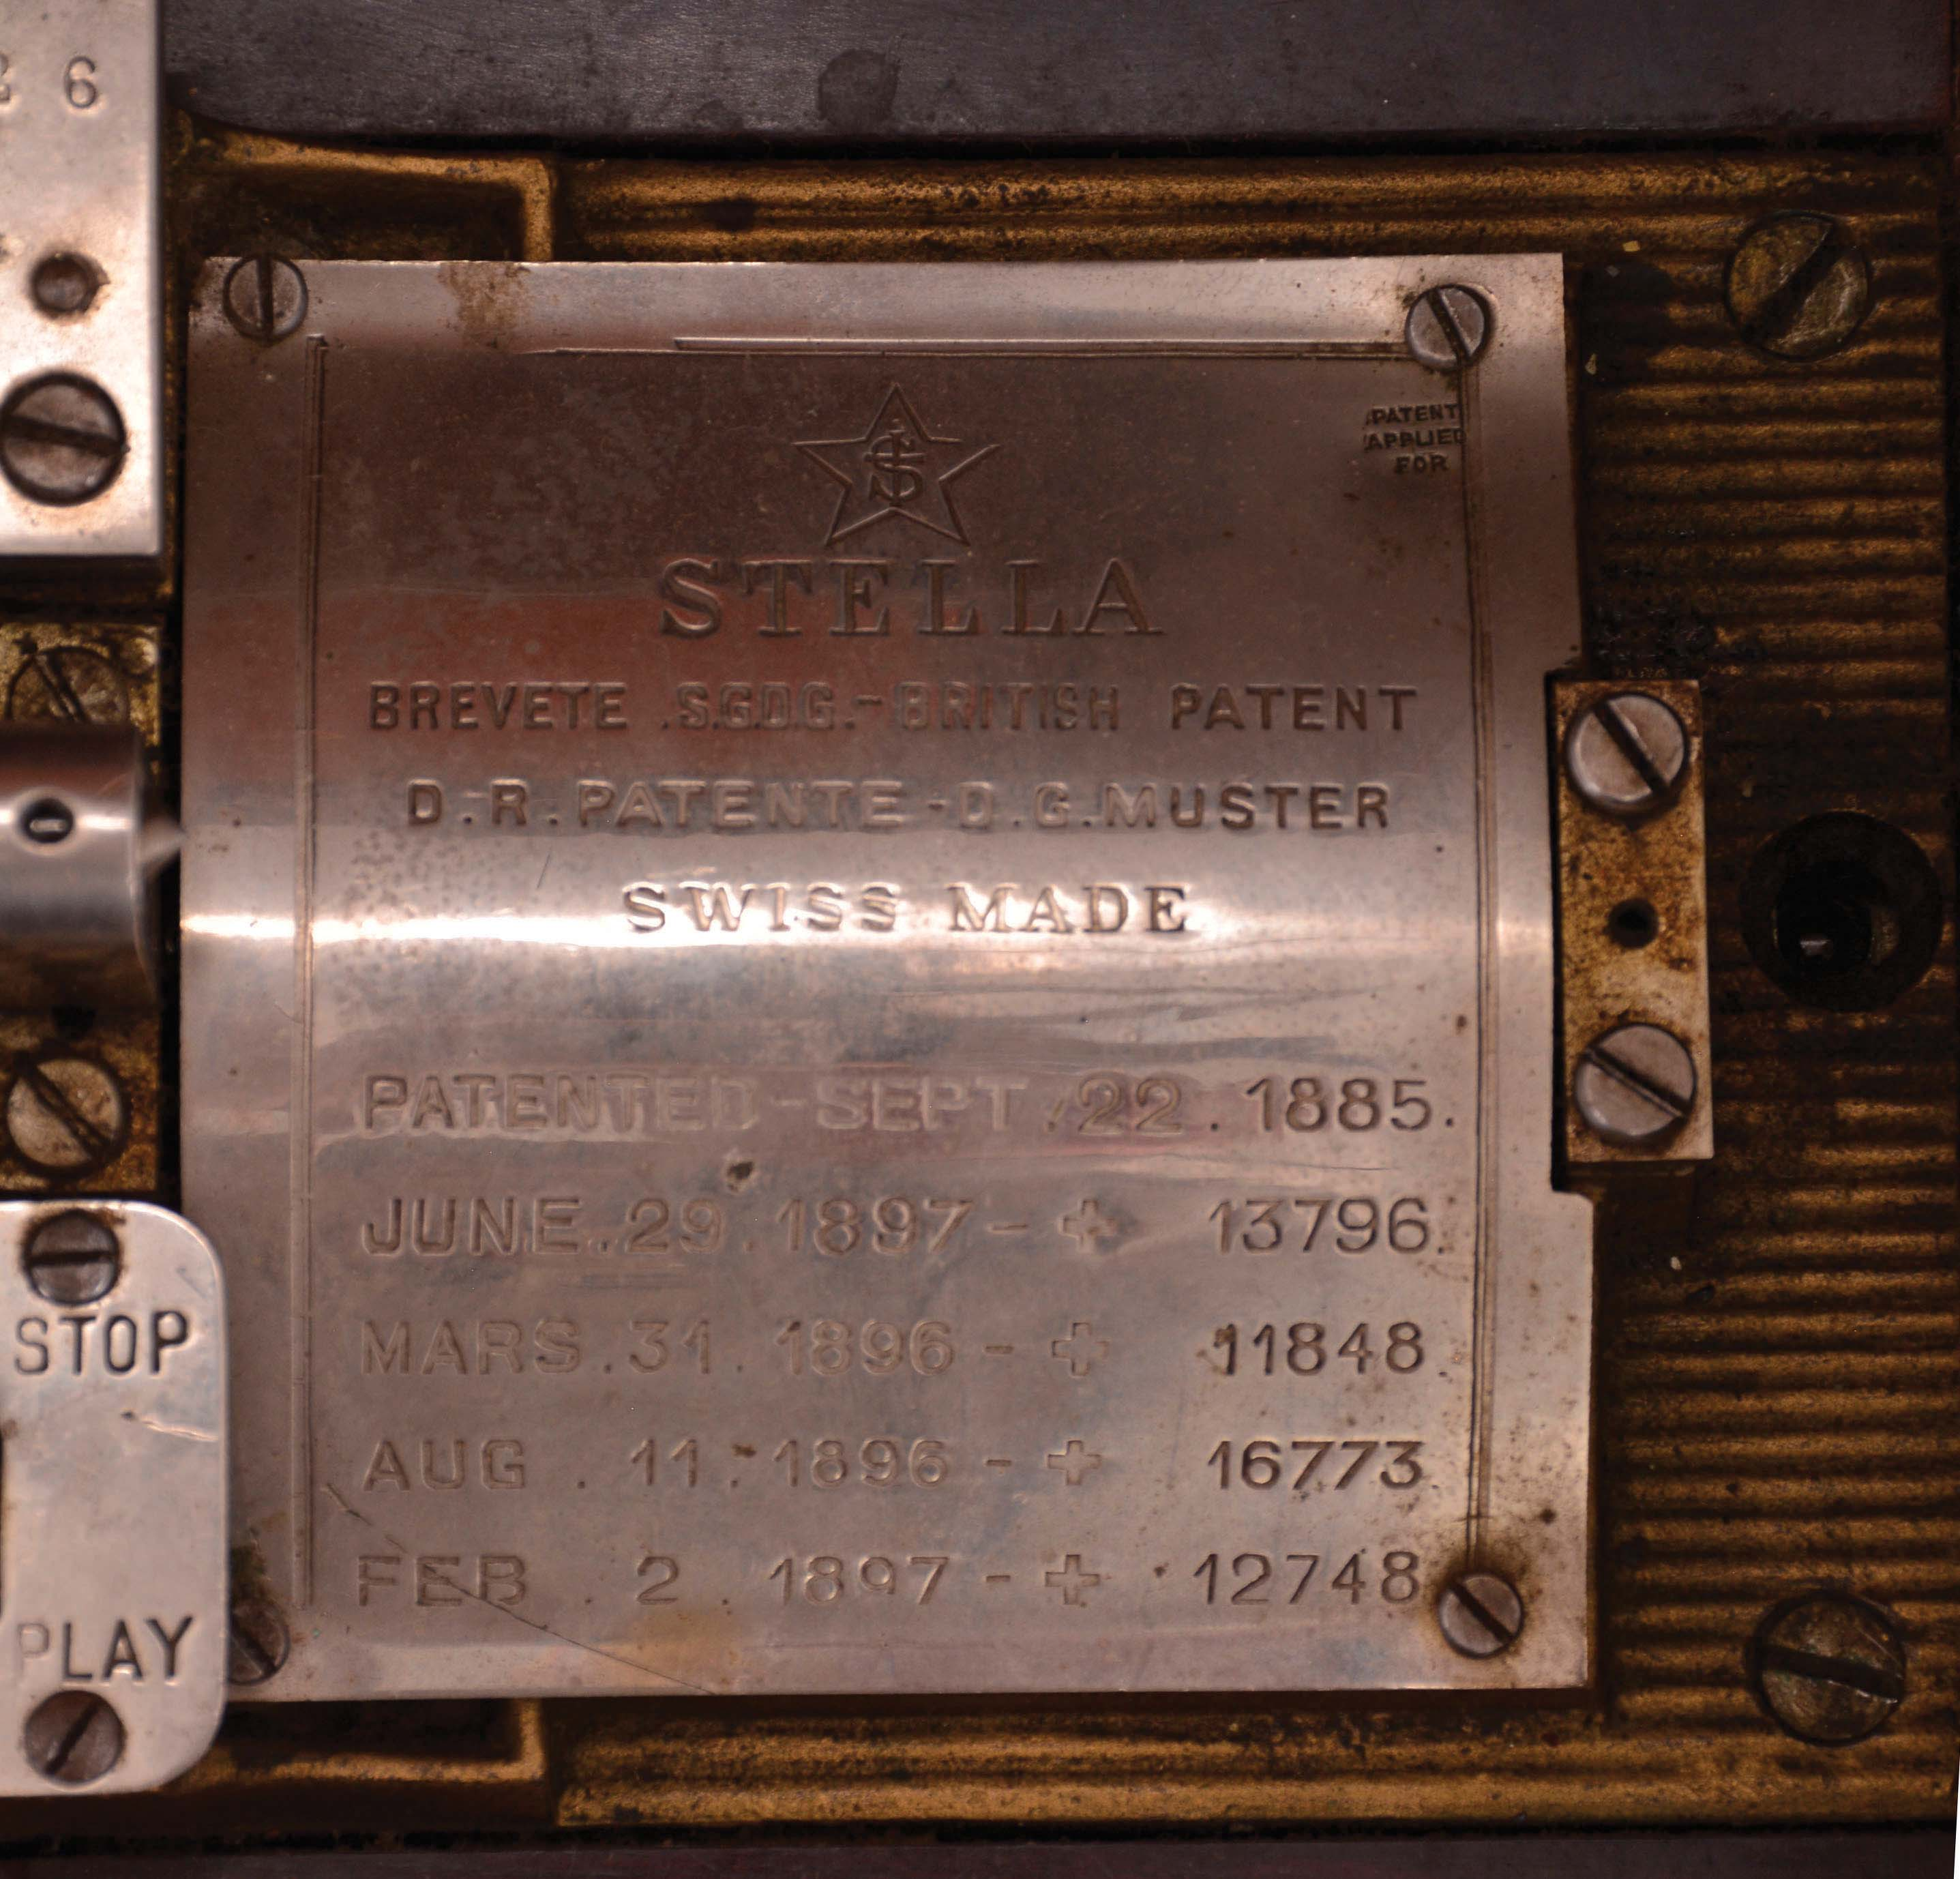 18816_05.jpg